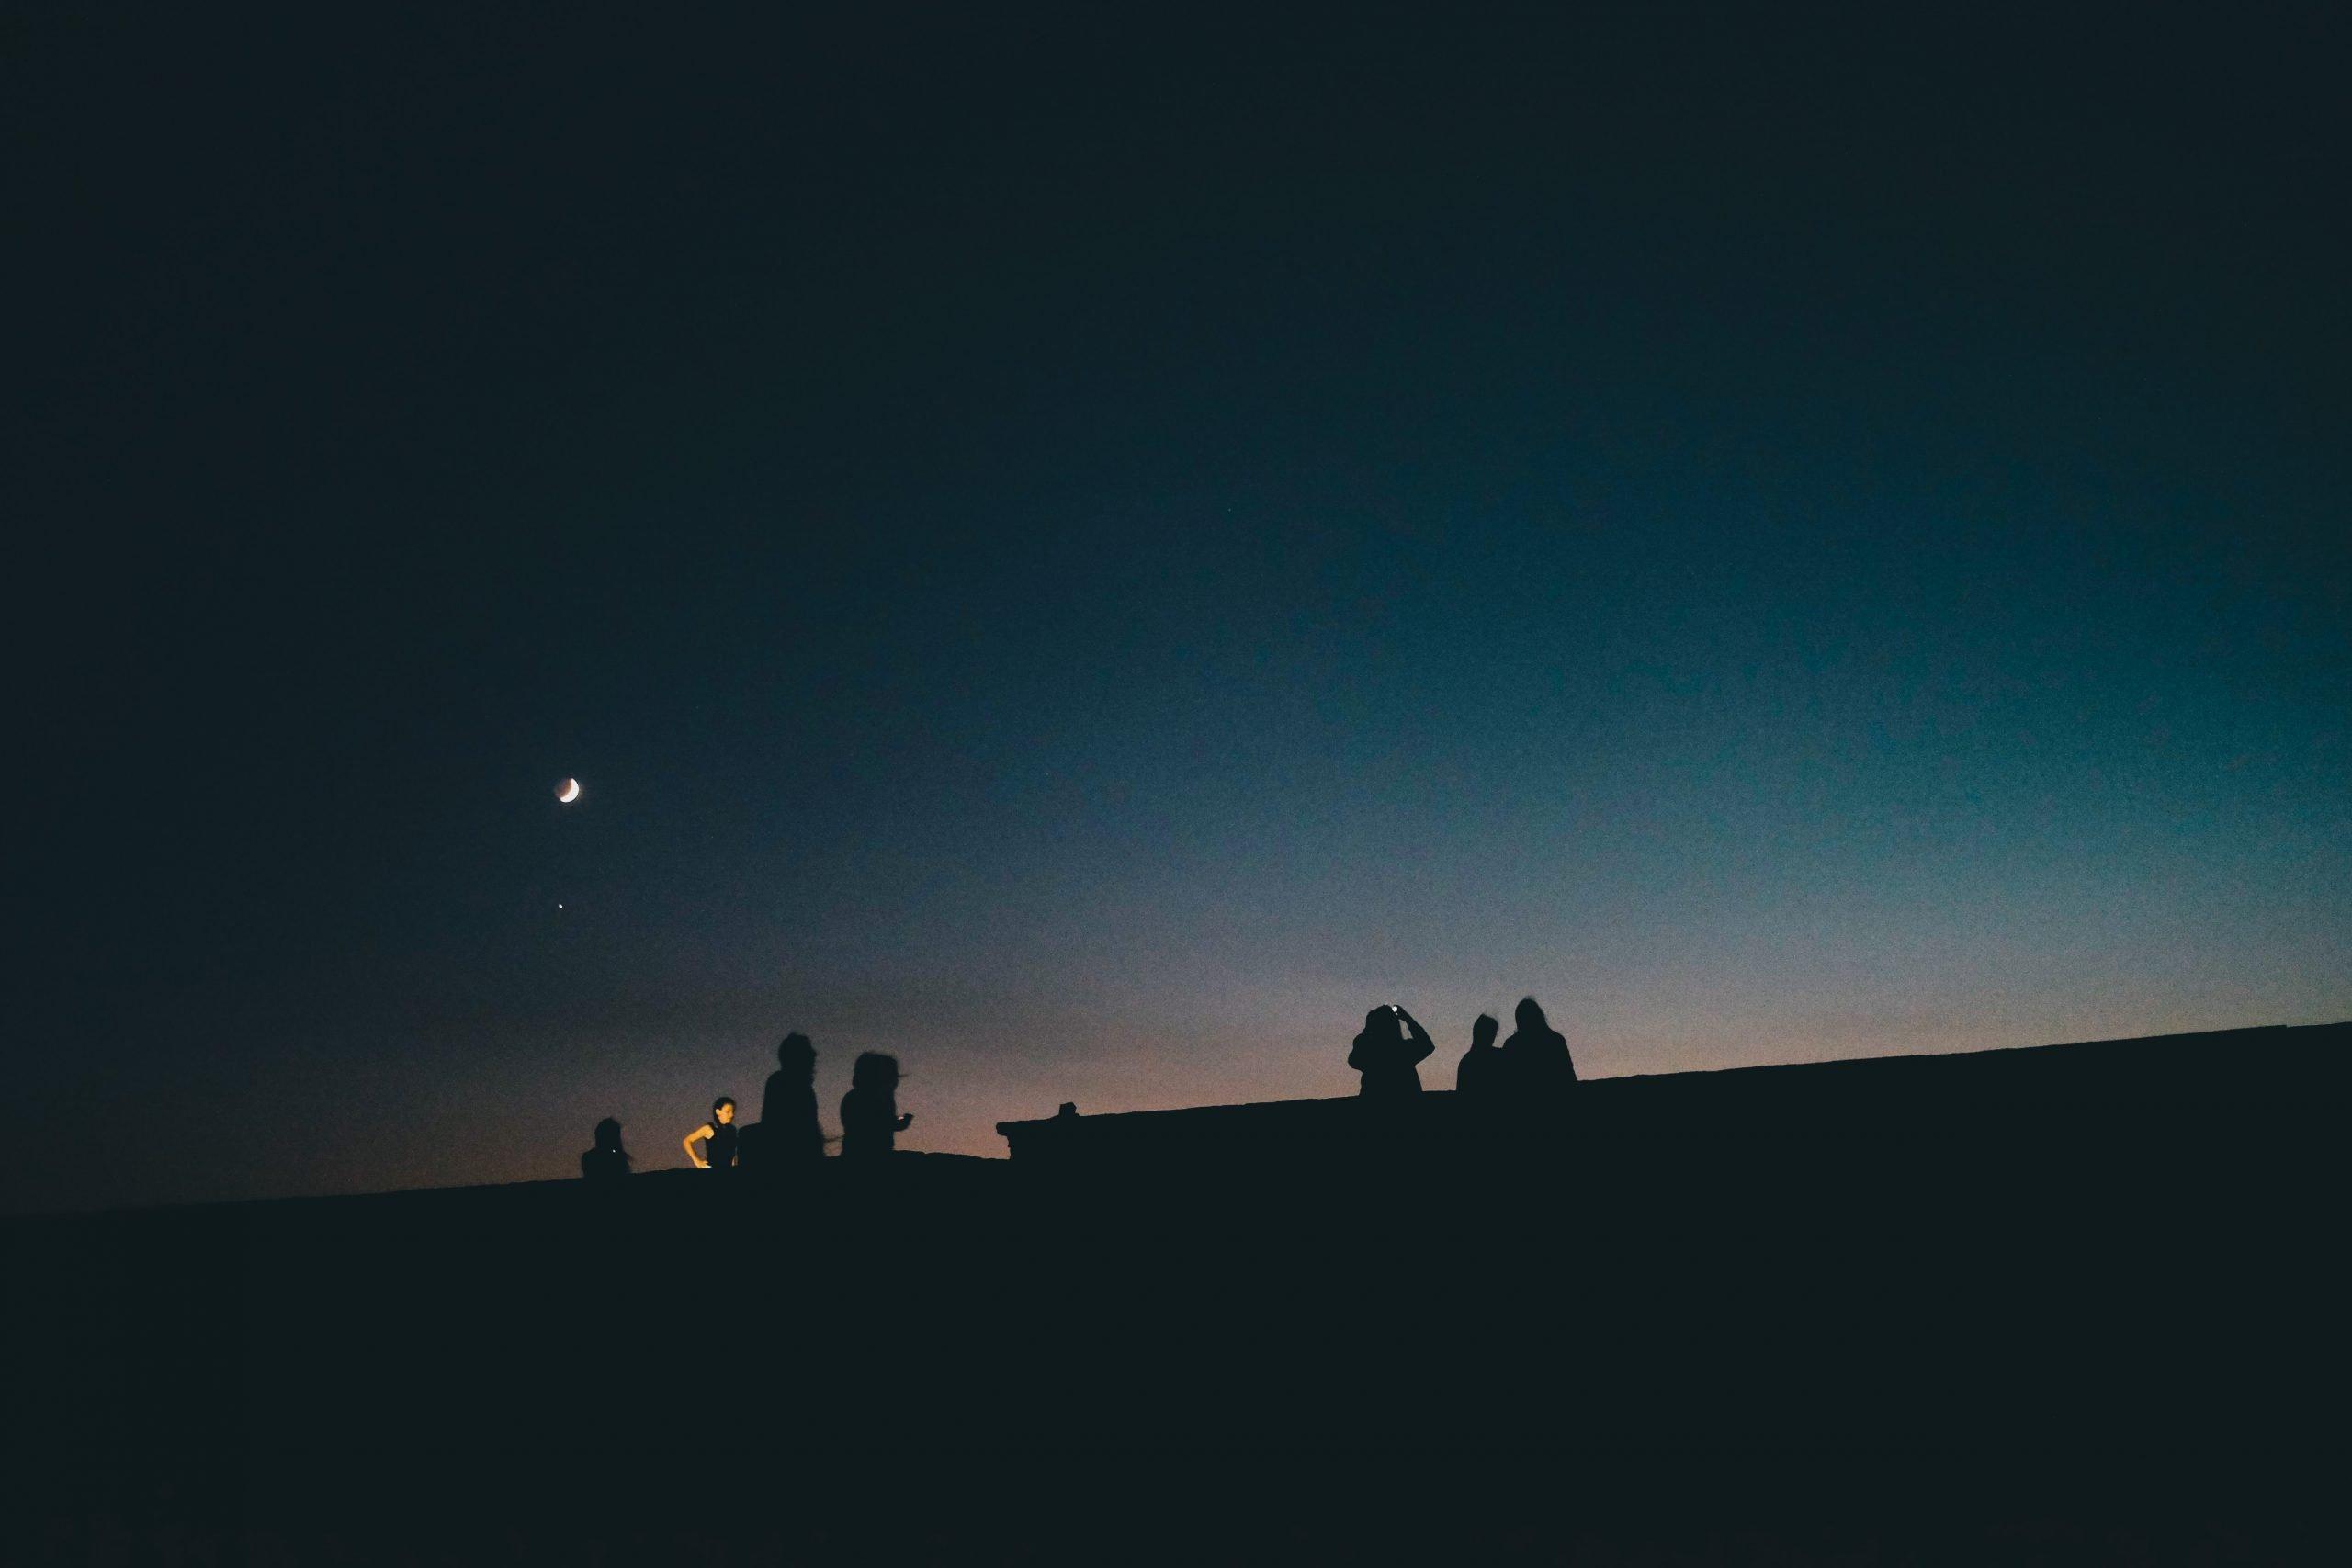 Ľudia sledujú nočnú oblohu